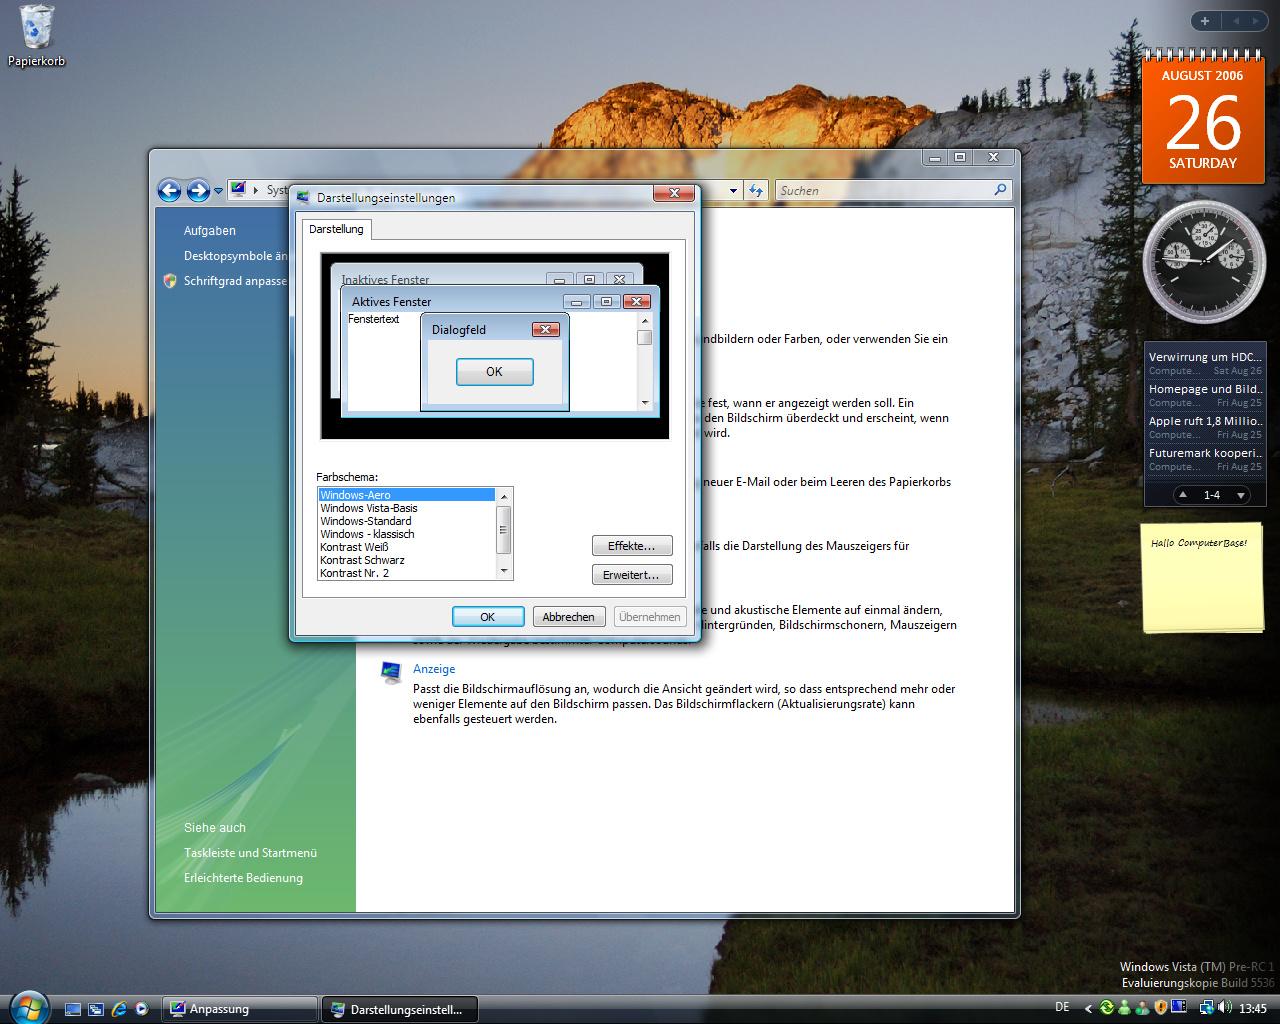 Windows Vista Build 5536 - Skins - Aero-Style für moderne Rechner mit WDDM-Treiber